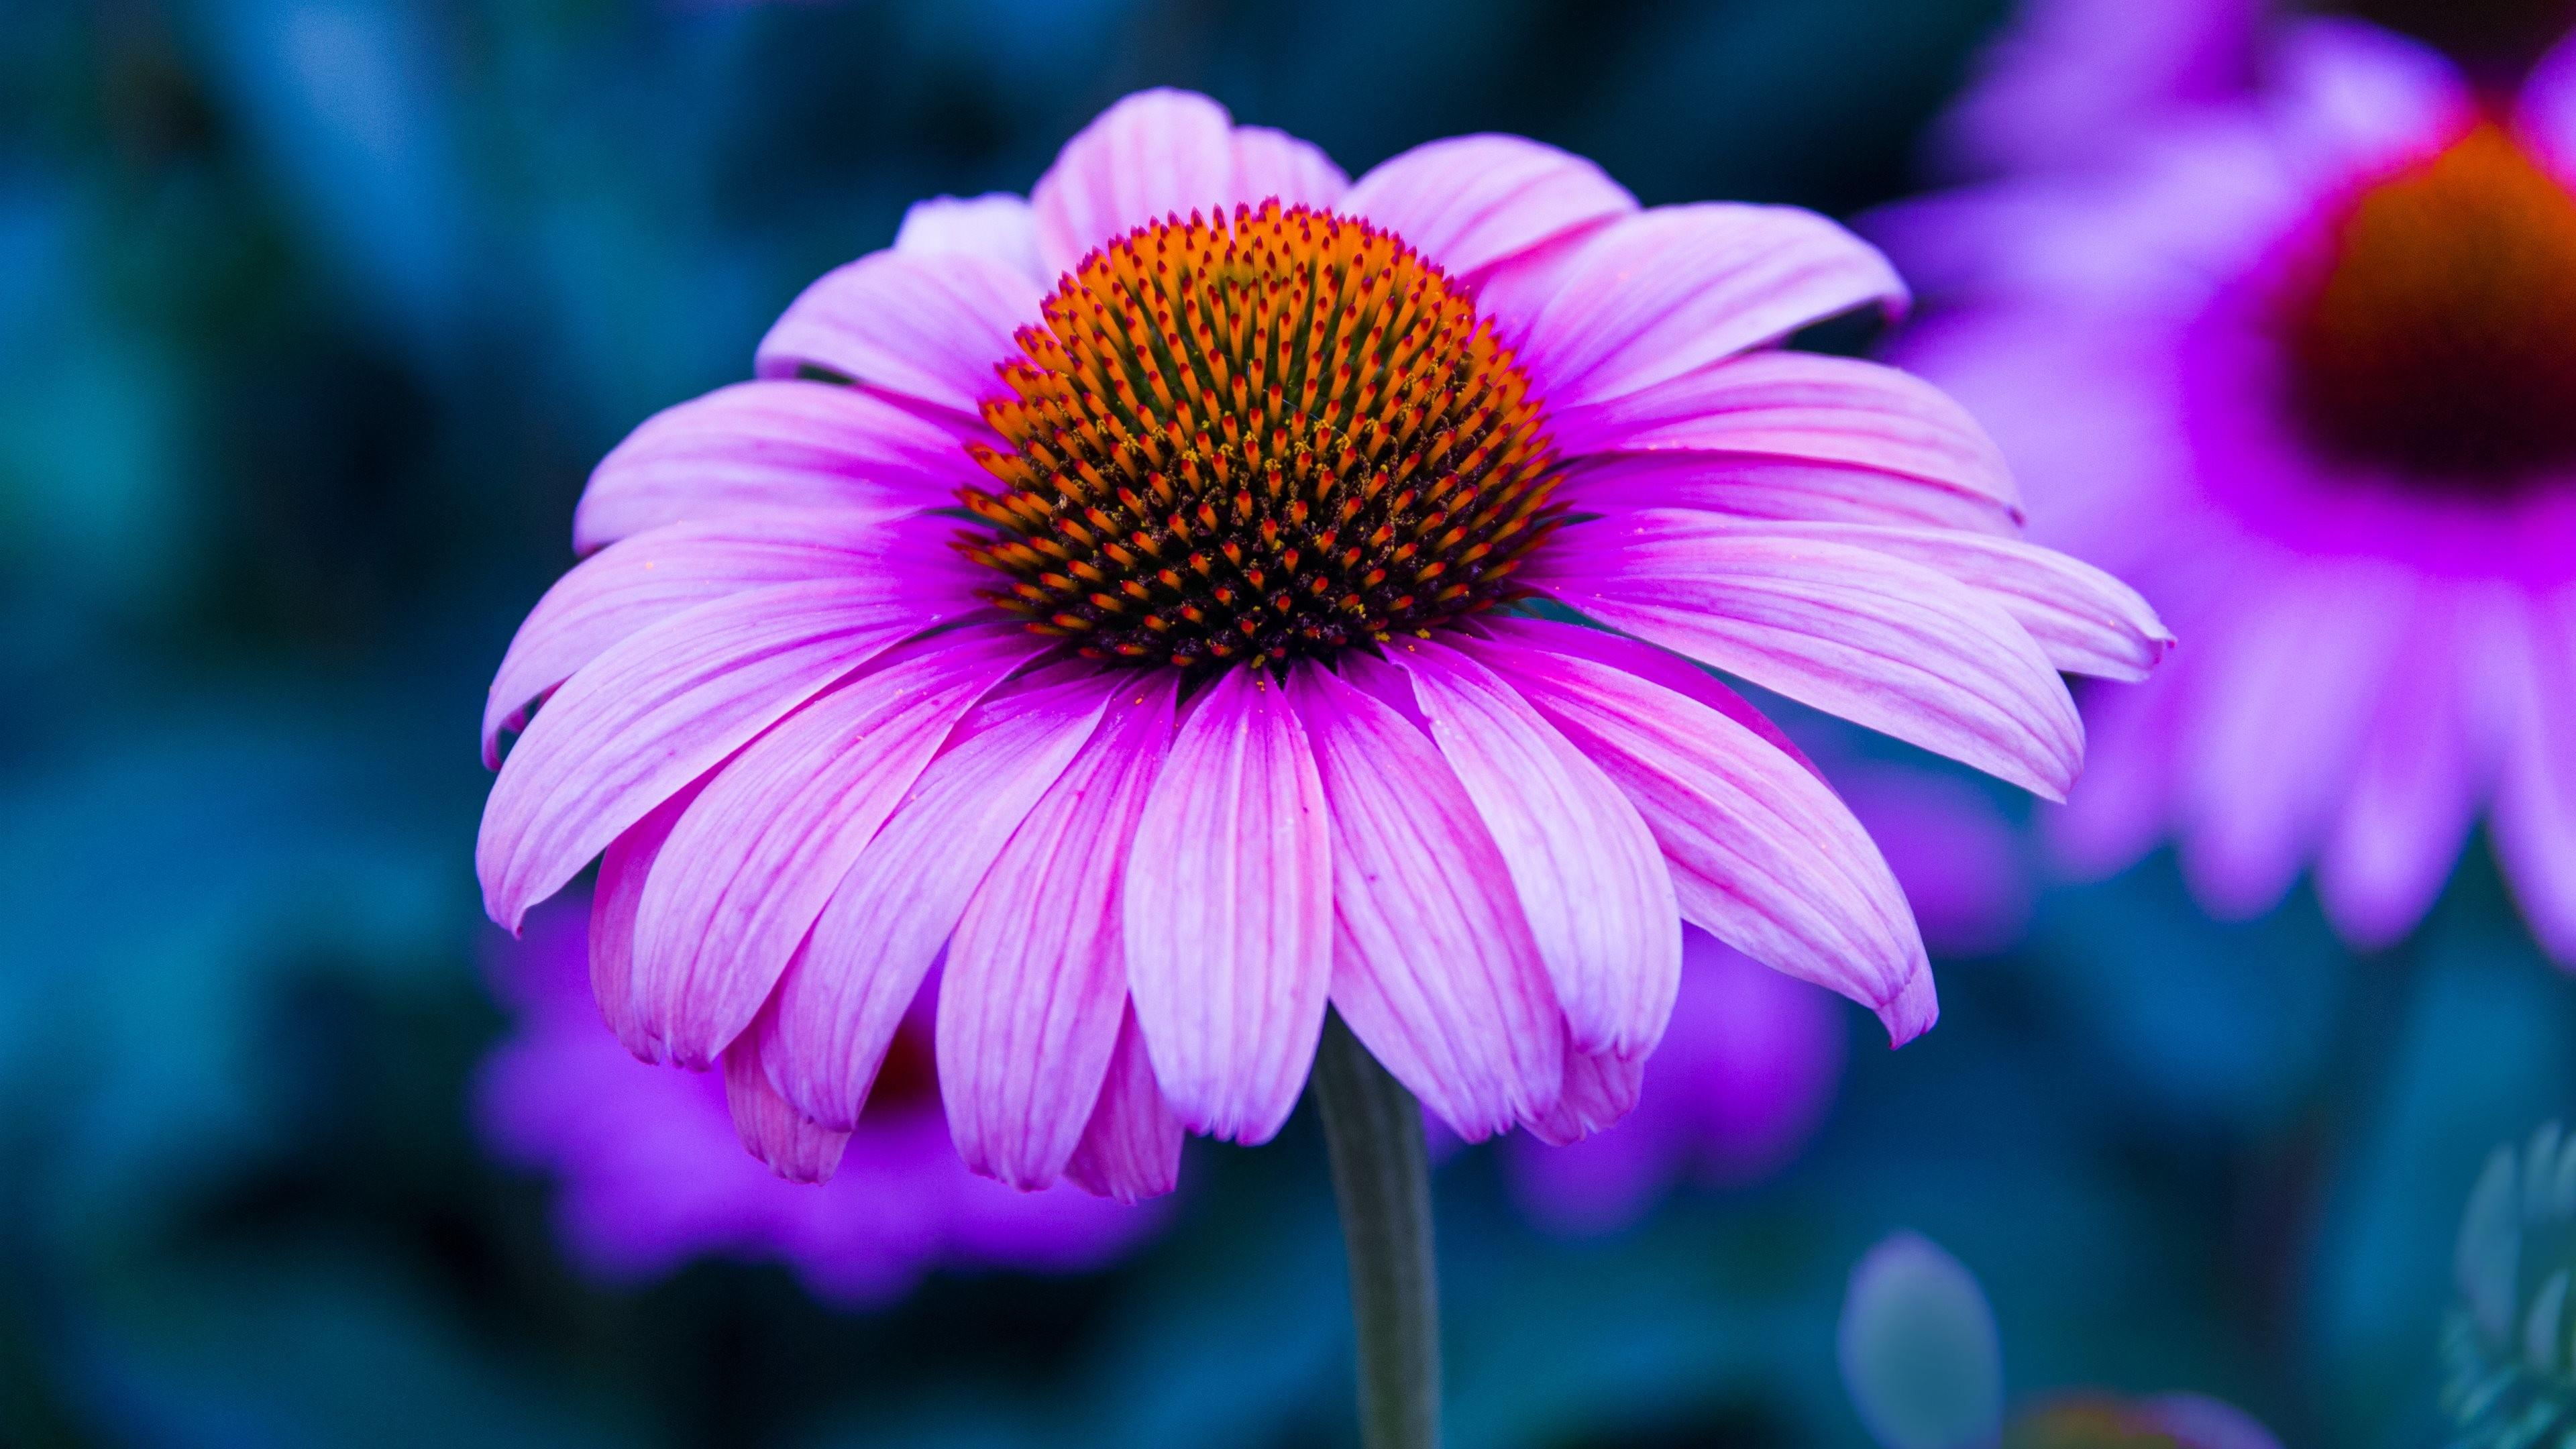 Sfondi con fiori 45 immagini for Sfondi desktop 4k